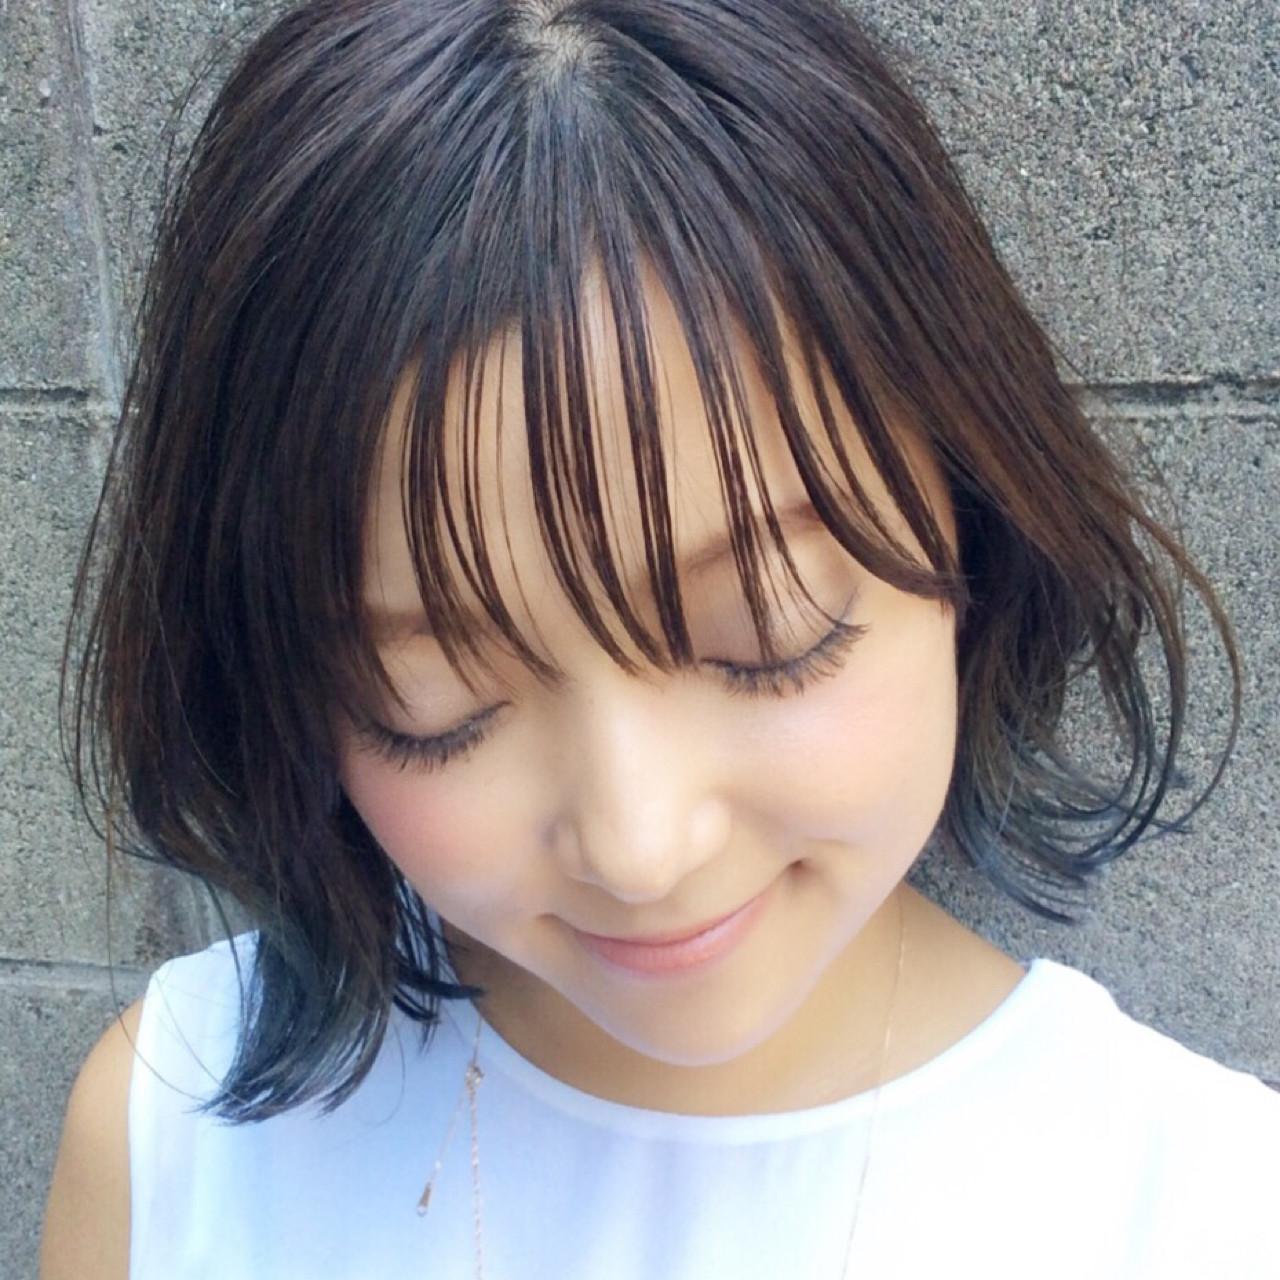 グラデーションカラー 外国人風 イルミナカラー 暗髪 ヘアスタイルや髪型の写真・画像 | アビル 裕貴 / ノーネームヘアー